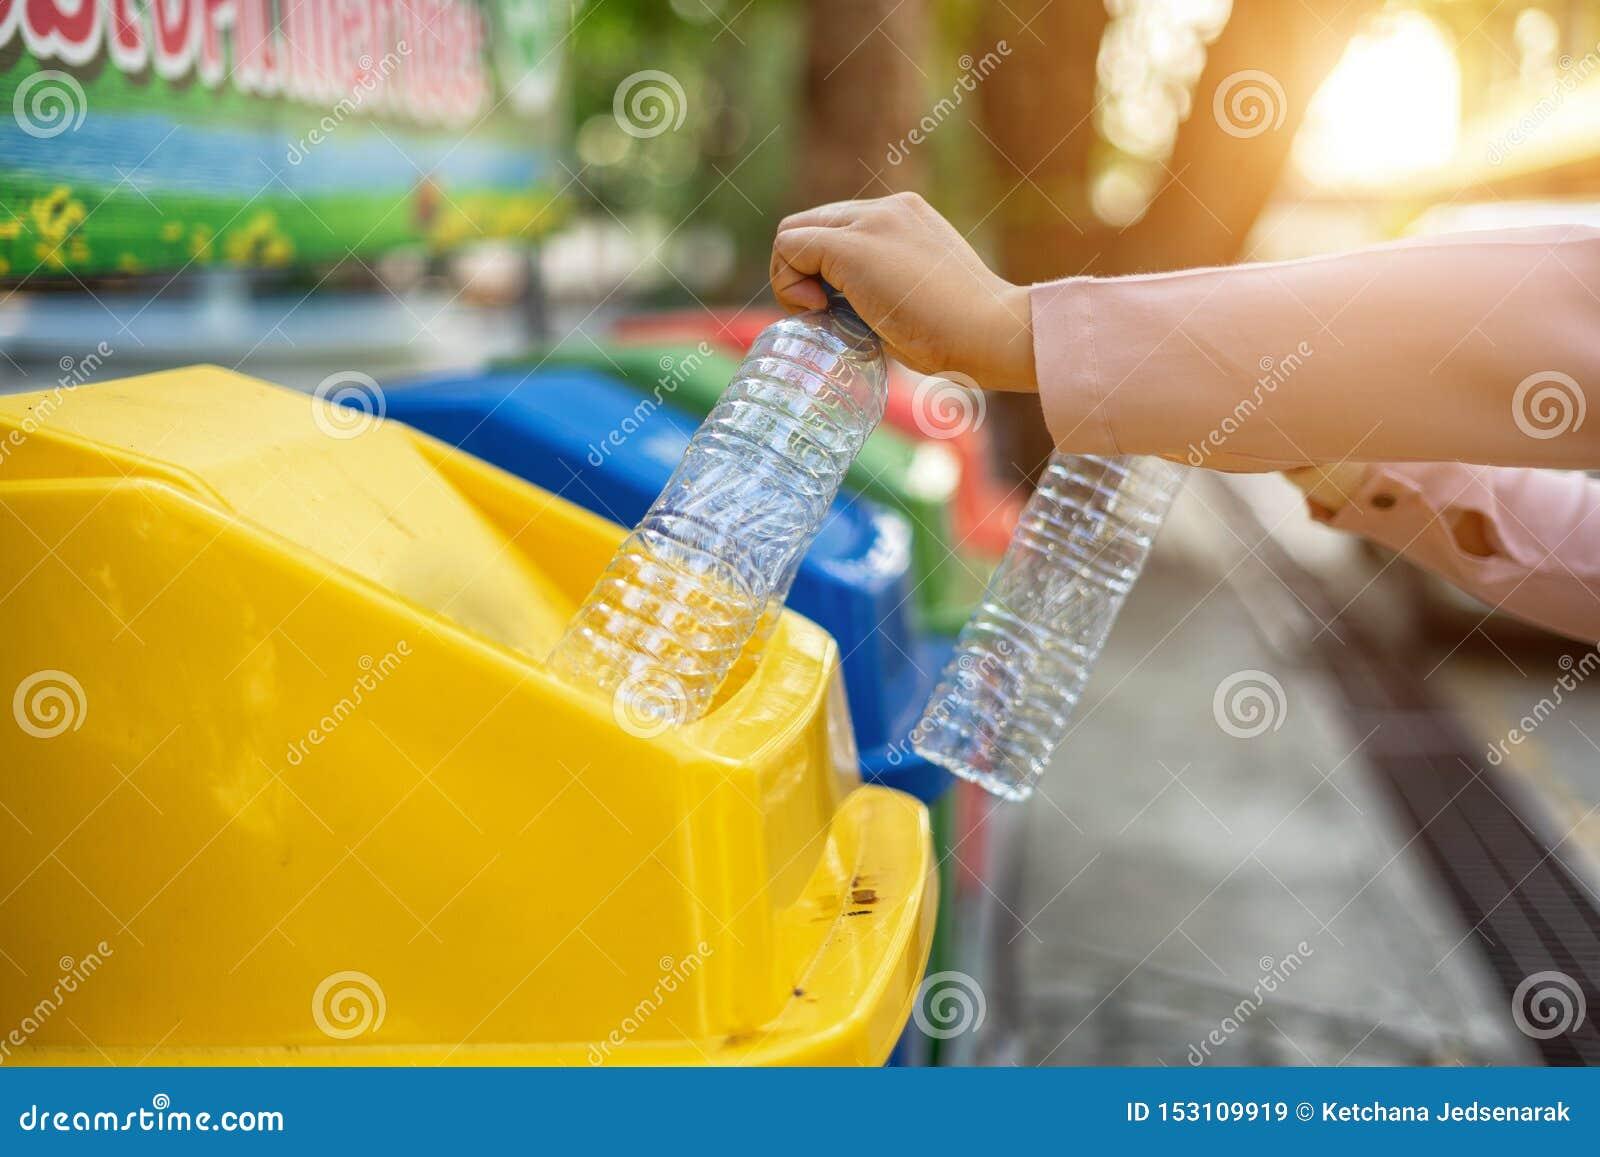 La séparation des bouteilles en plastique de rebut dans des bacs de recyclage est de protéger l environnement, ne causant aucune